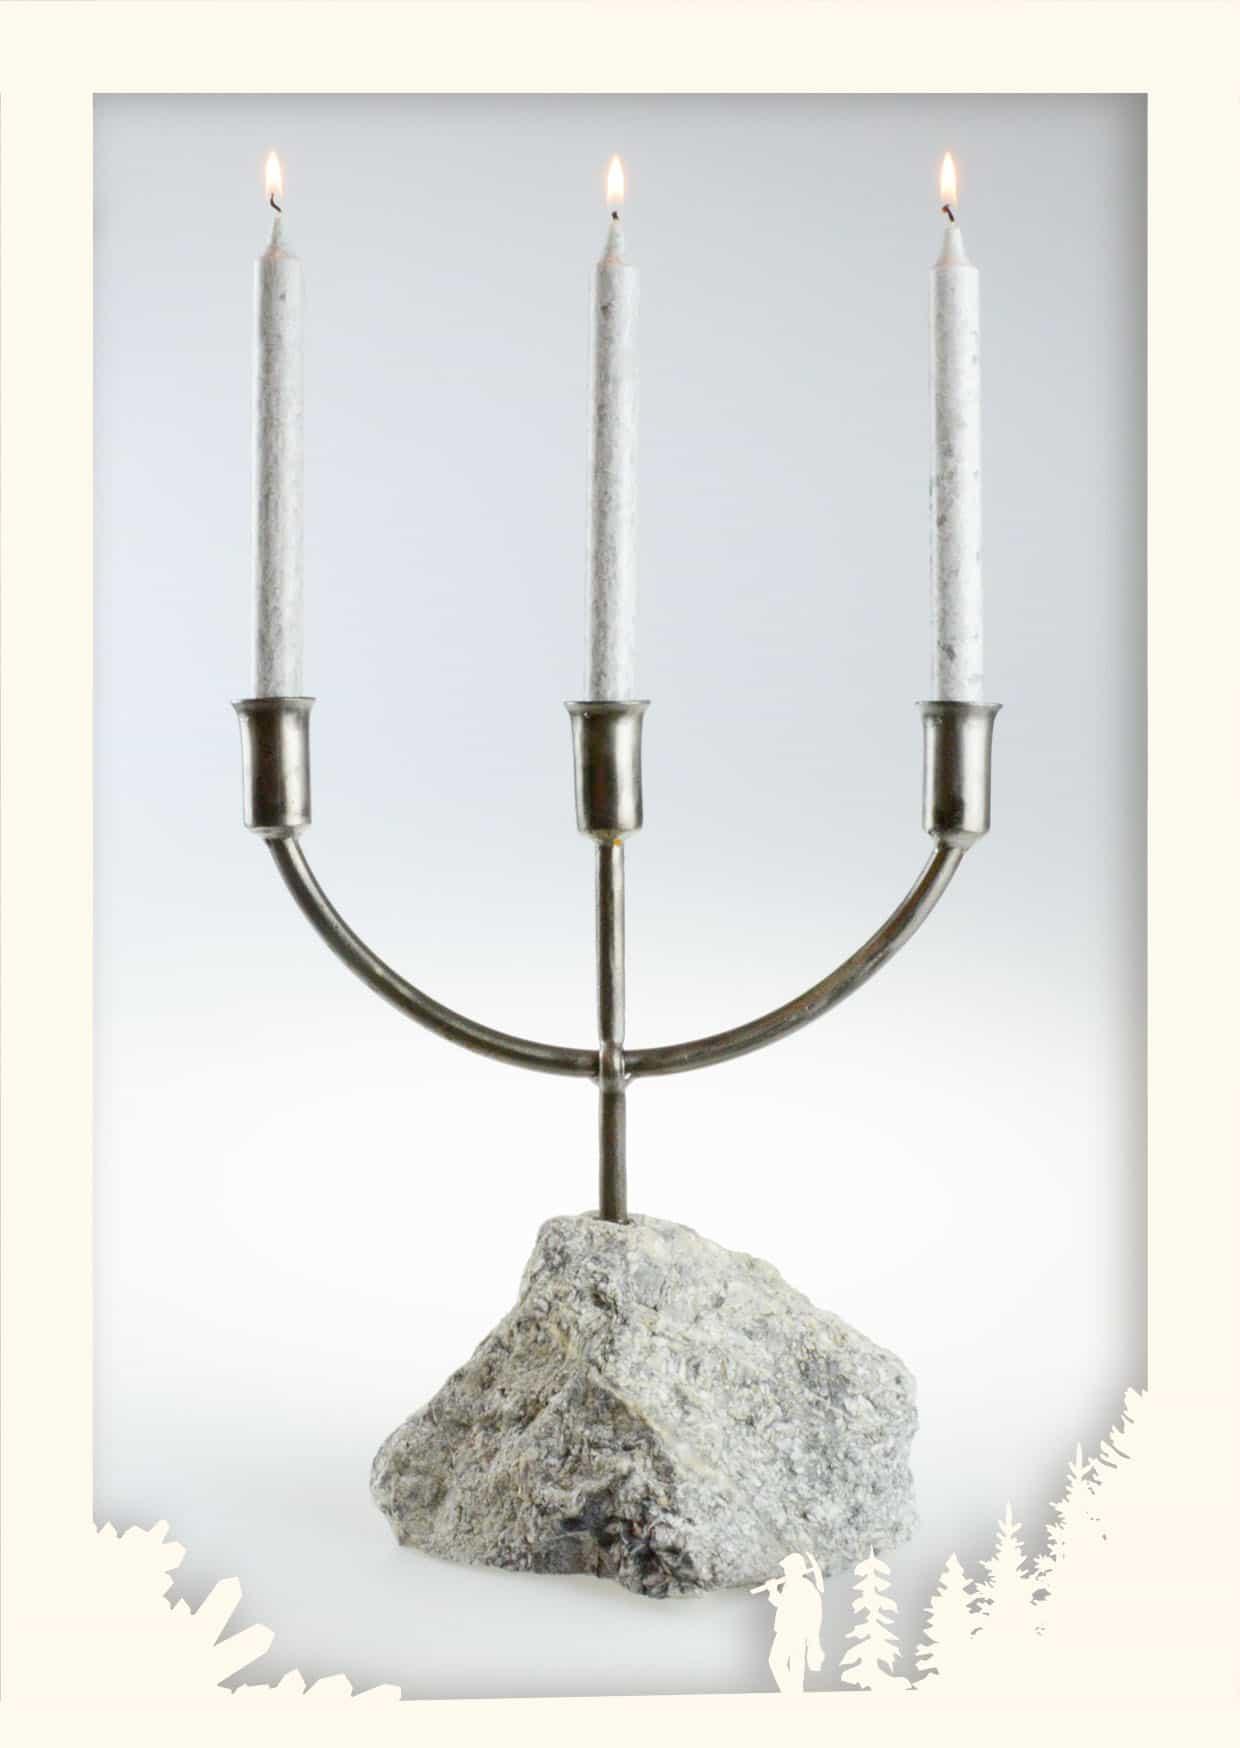 Kerzenleuchter Image